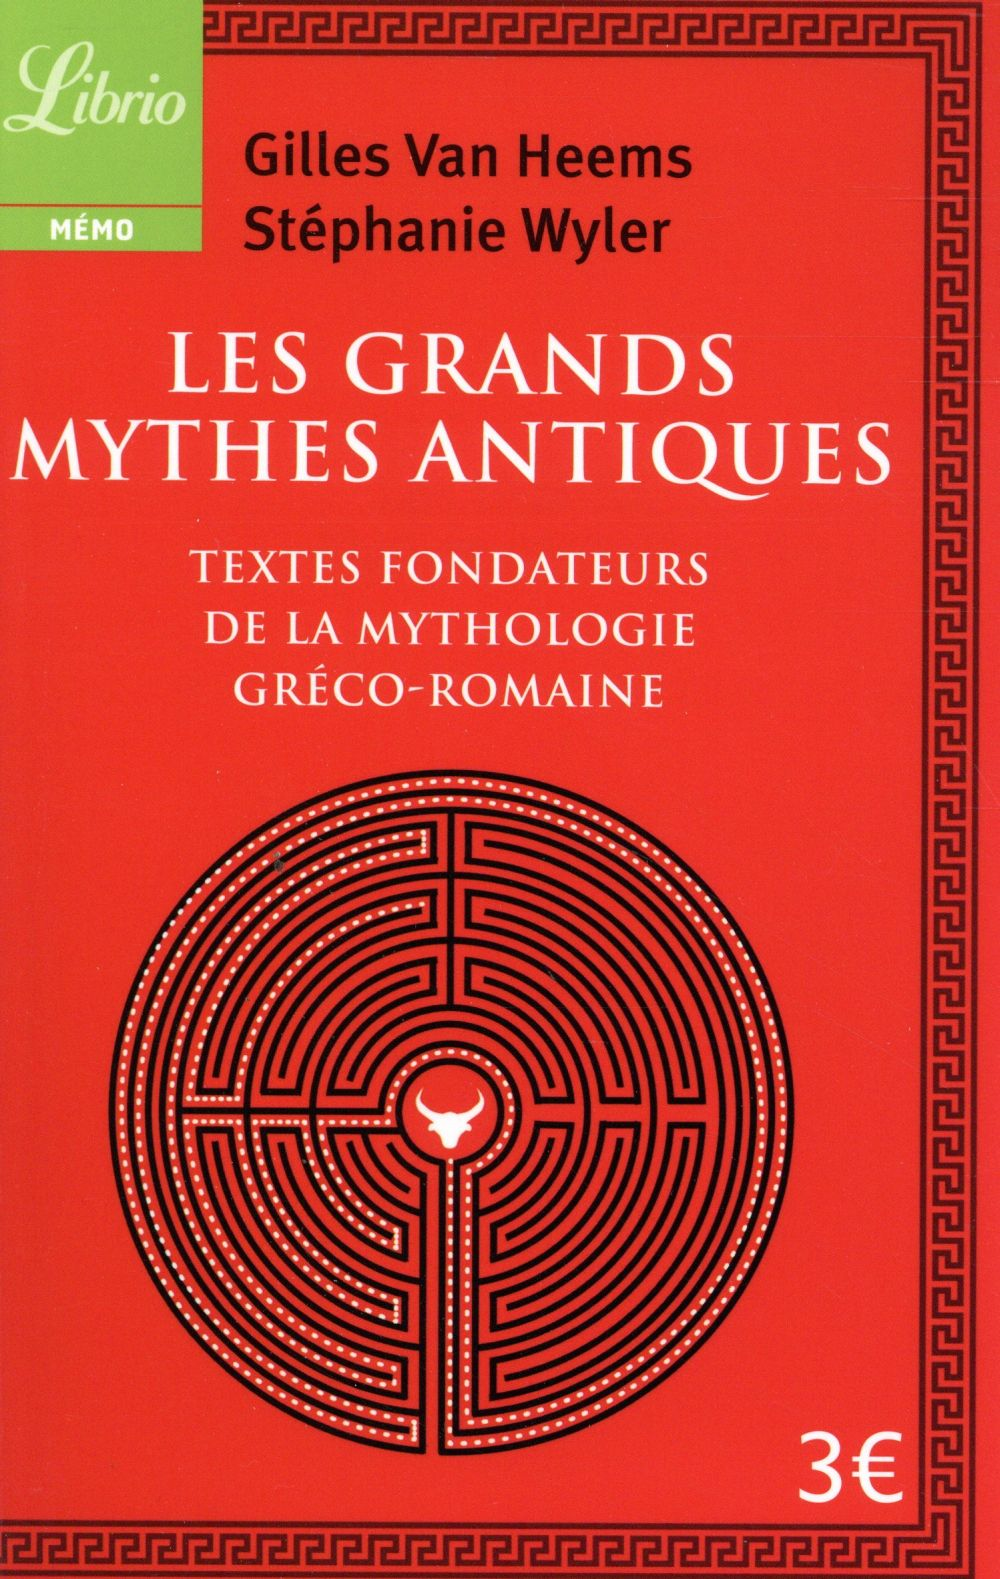 LES GRANDS MYTHES ANTIQUES (NE)